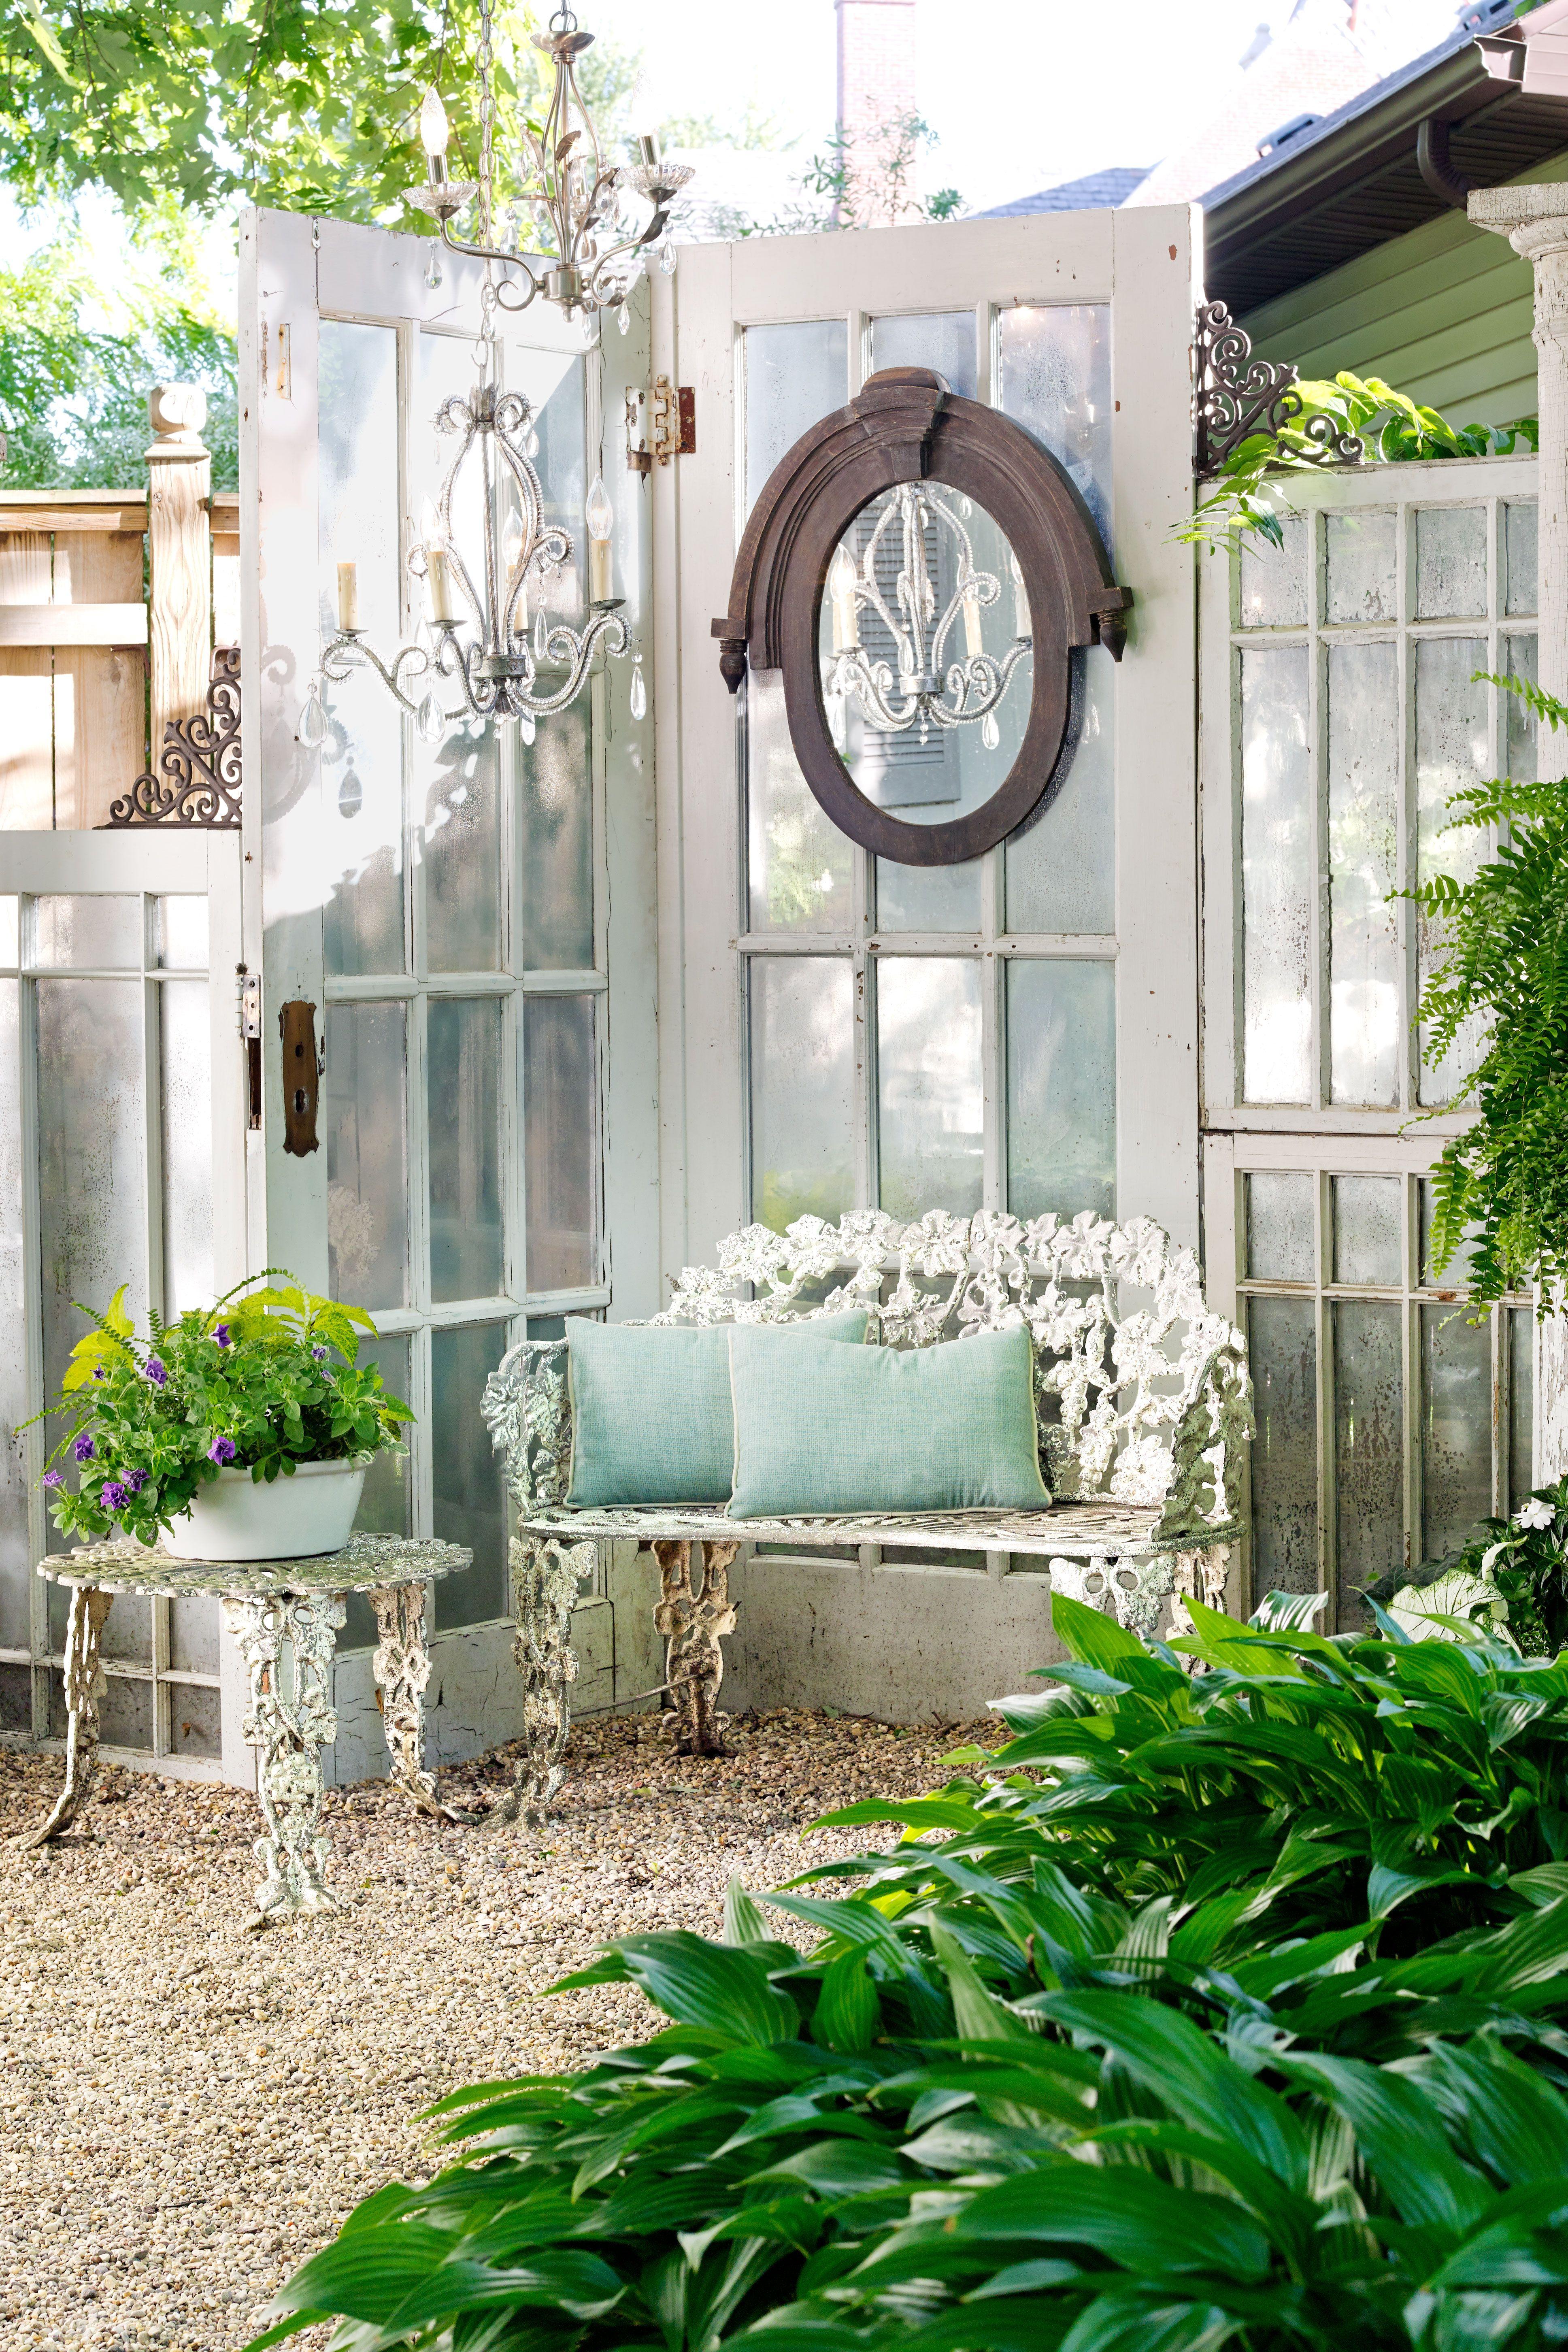 65 inspiring ways to update your porch garden sitting areas